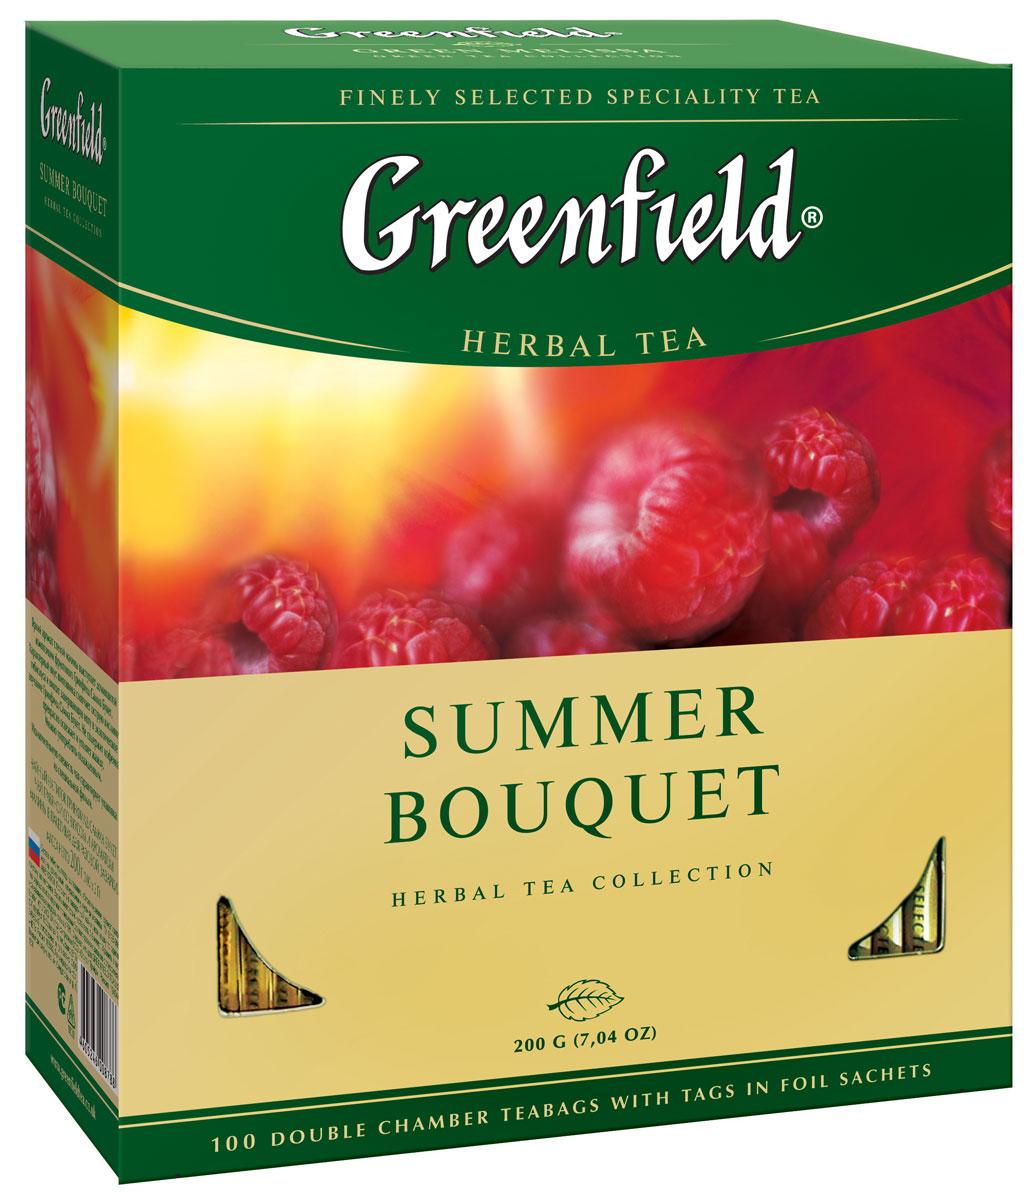 Greenfield Summer Bouquet фруктовый чай в пакетиках, 100 шт0878-09Яркий аромат спелой малины выступает доминантой композиции фруктового Greenfield Summer Bouguet. Характерный вкус шиповника смягчает острую кислинку гибискуса и вносит завершающую ноту в экзотическое звучание Greenfield Summer Bouguet. Не содержит кофеина, прекрасно освежает и утоляет жажду. Можно употреблять охлажденным.